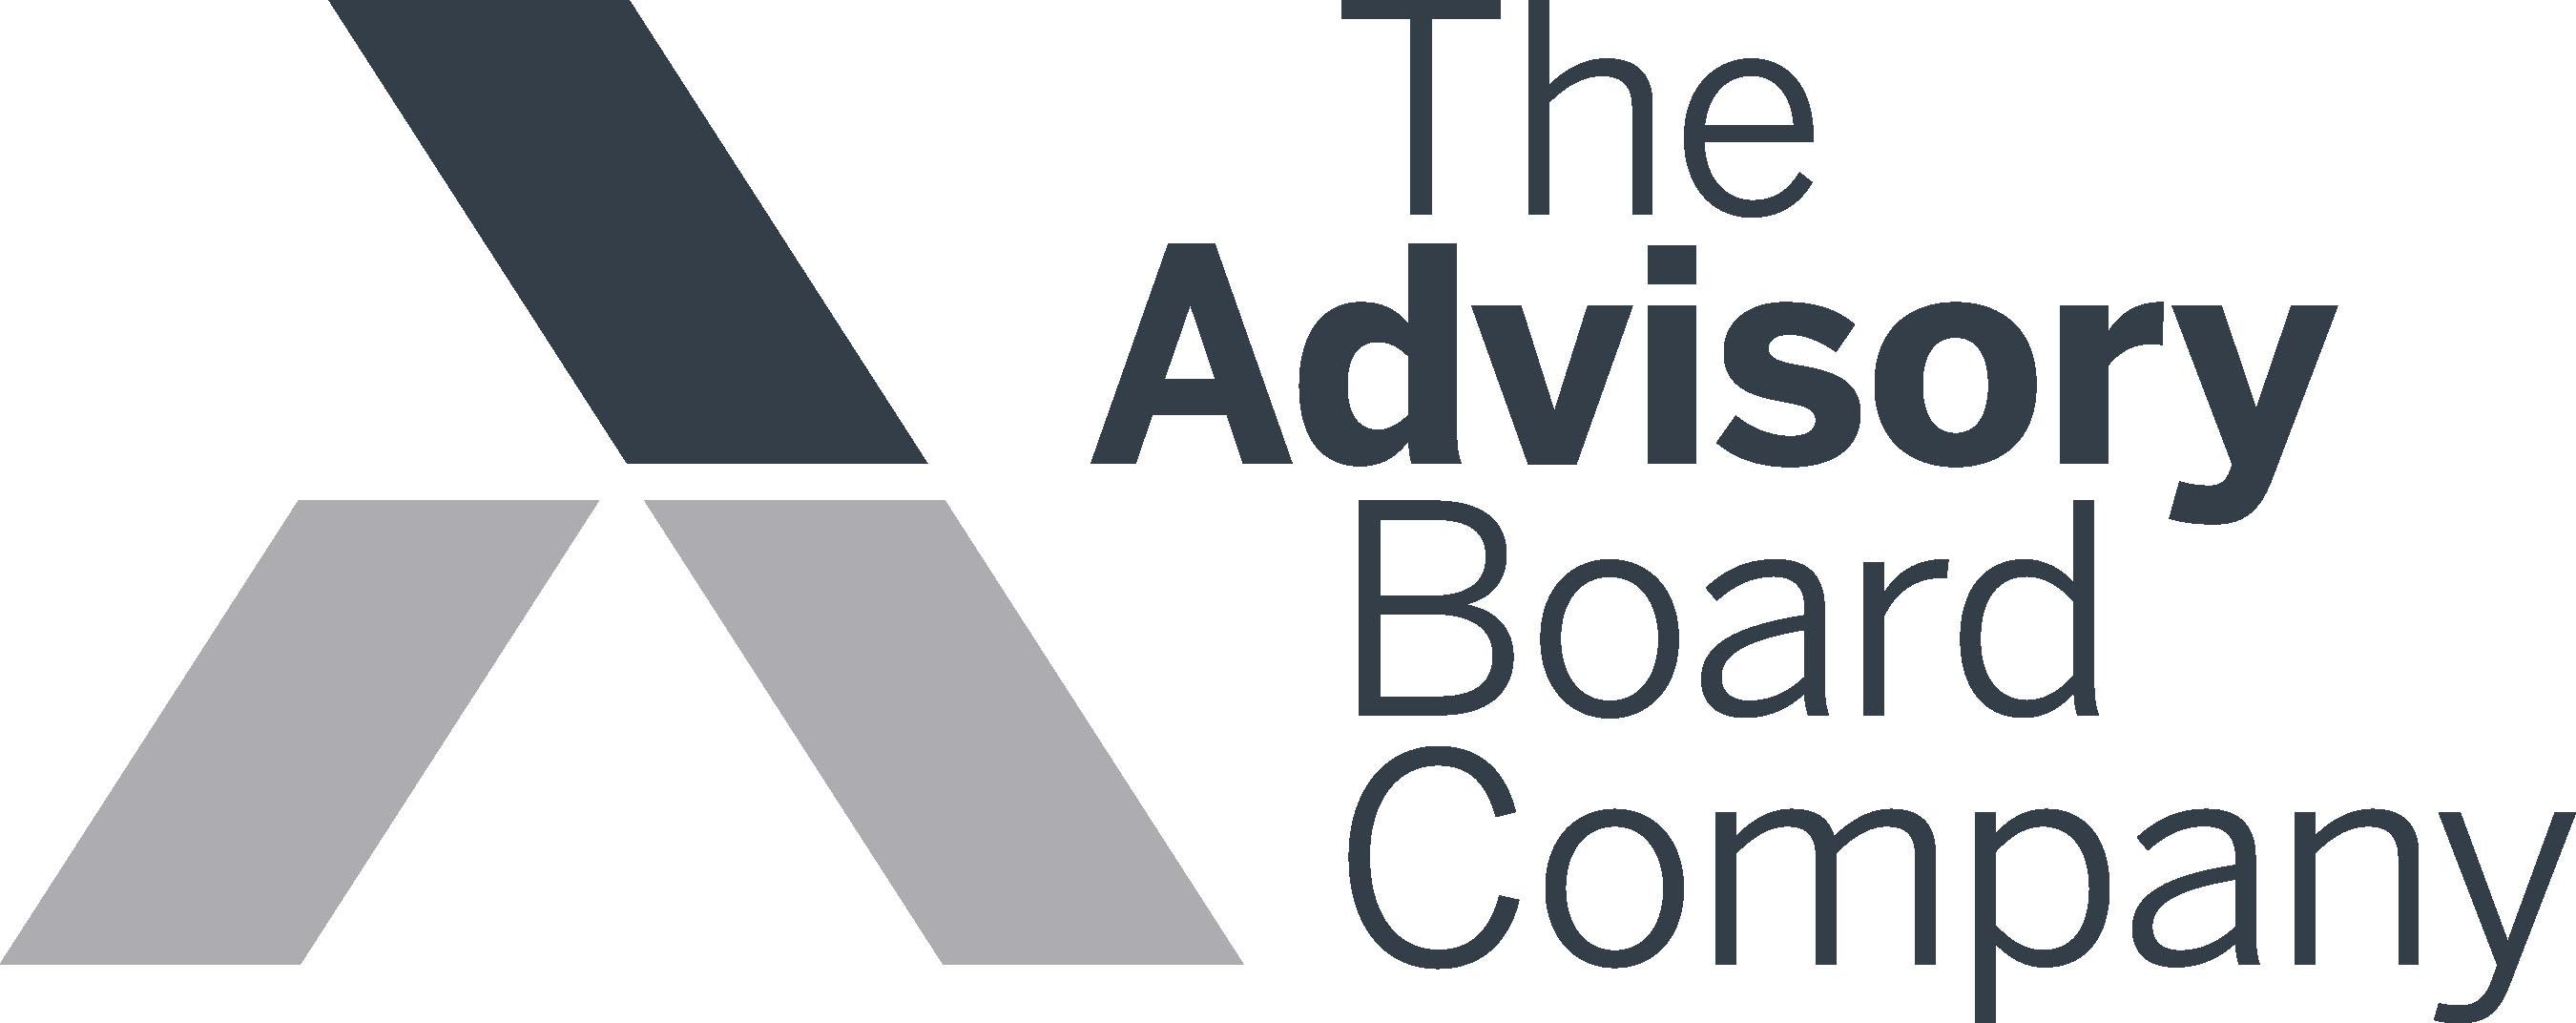 The Advisory Board Company